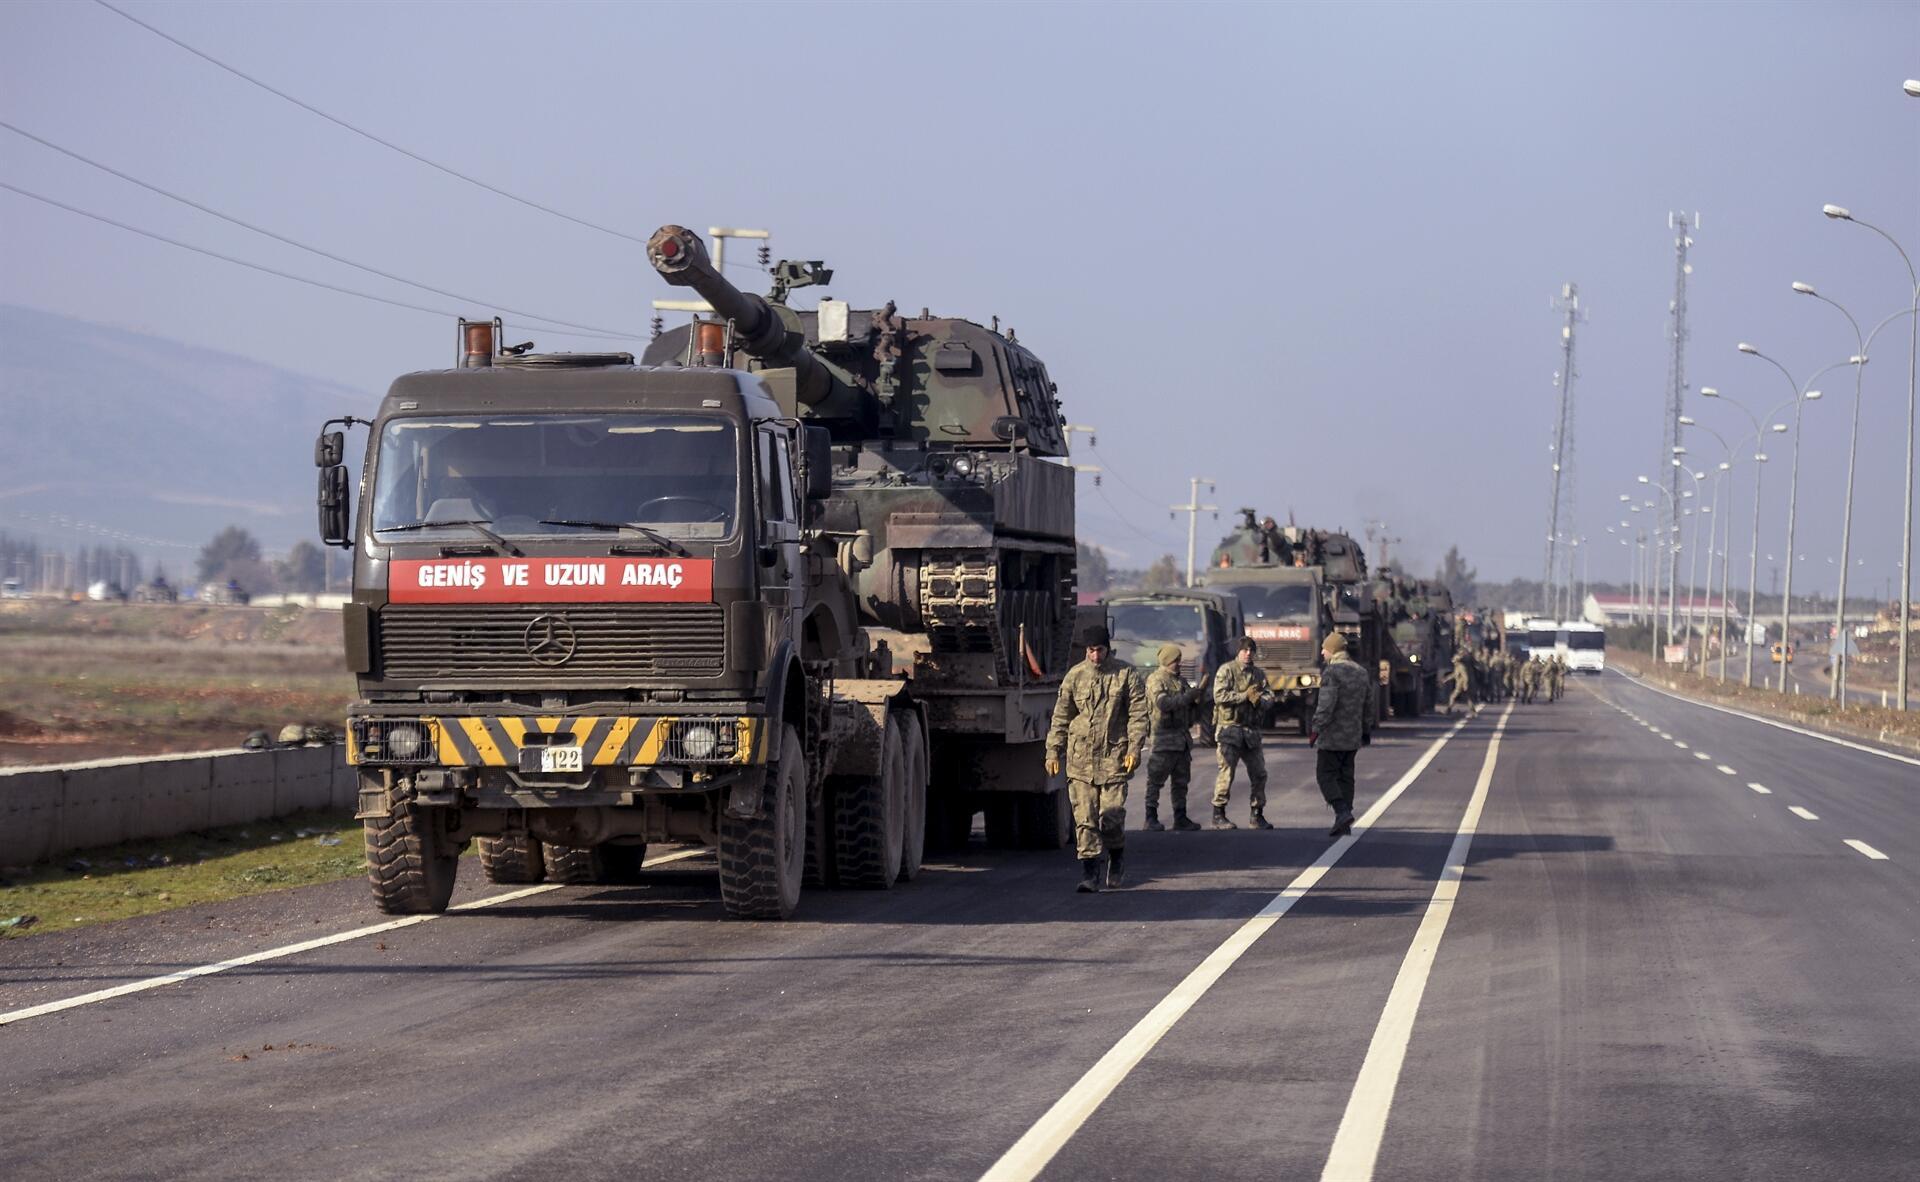 Turkish-Russian Talks On Idlib. Another Ceasefire?